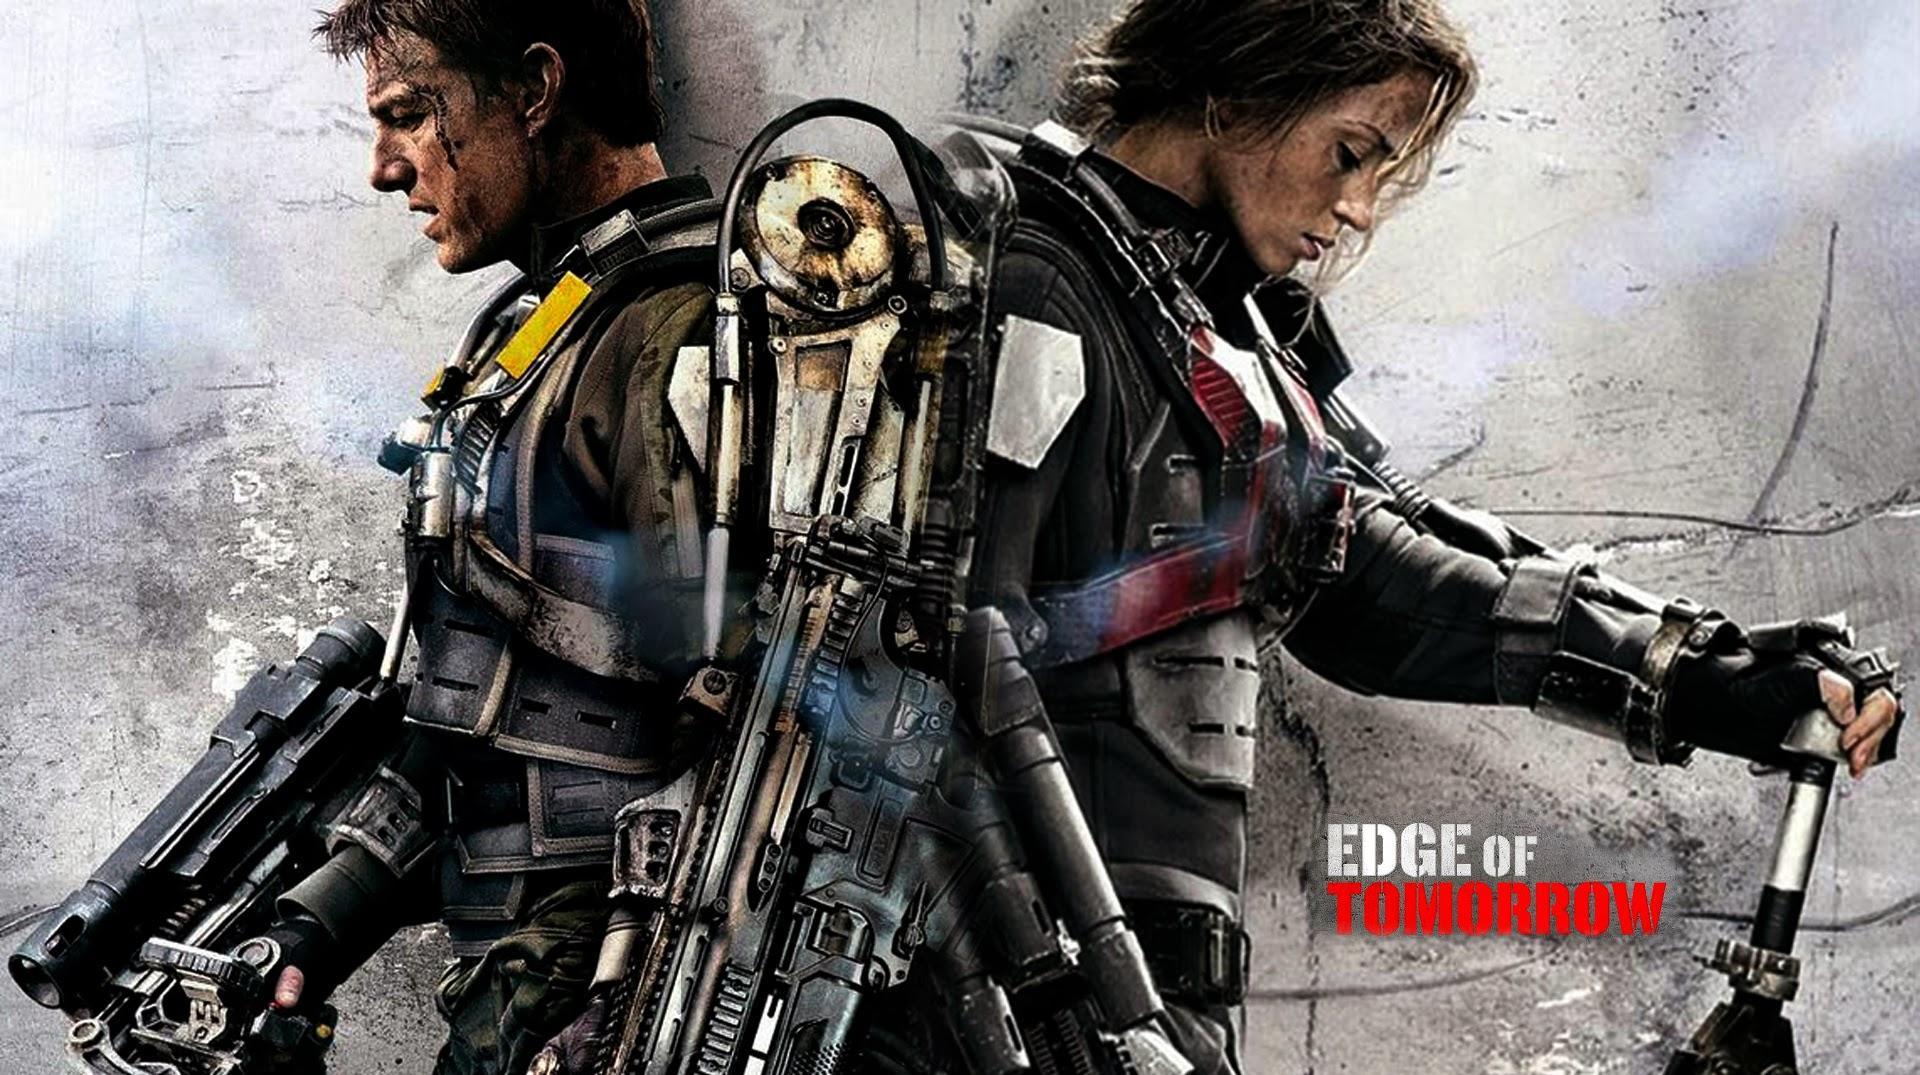 Edge of Tomorrow Sequel